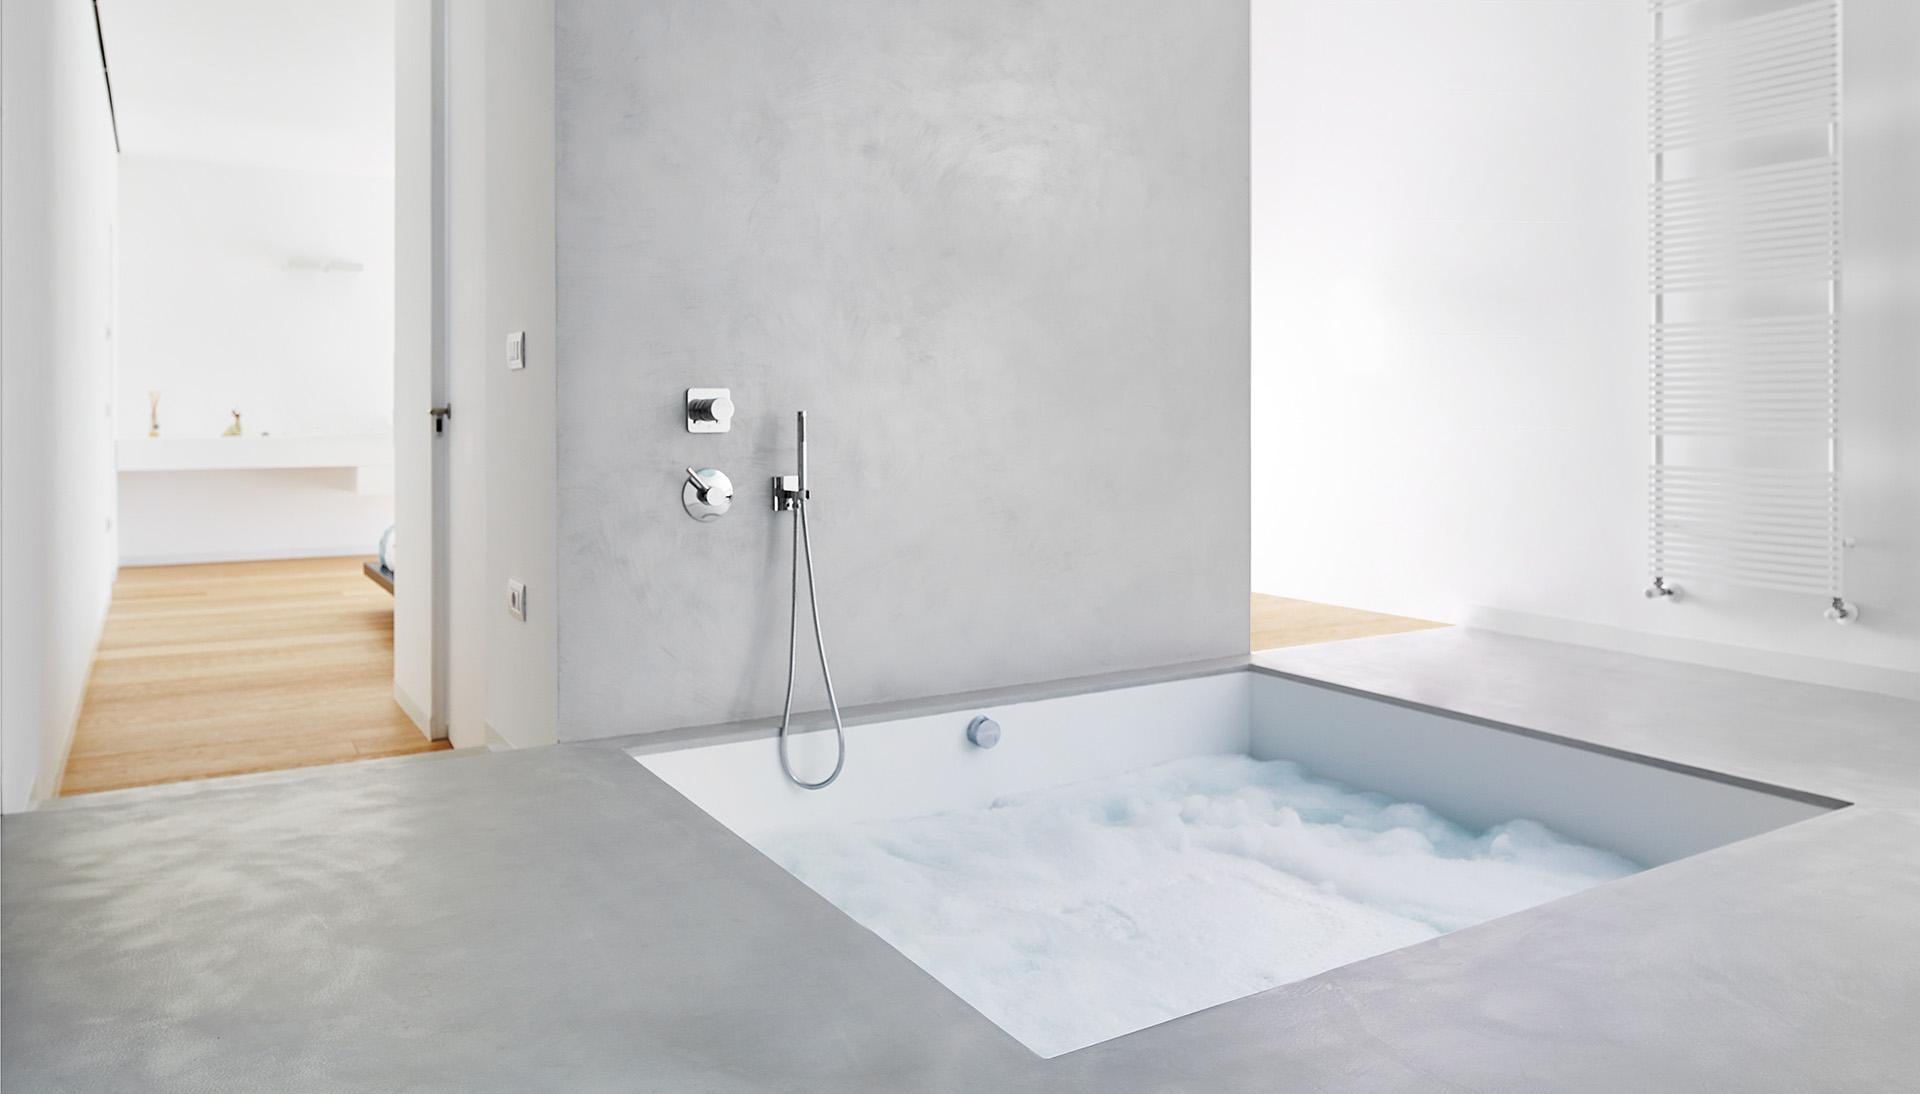 bagno completamente ristrutturato e rivestito con microcemento